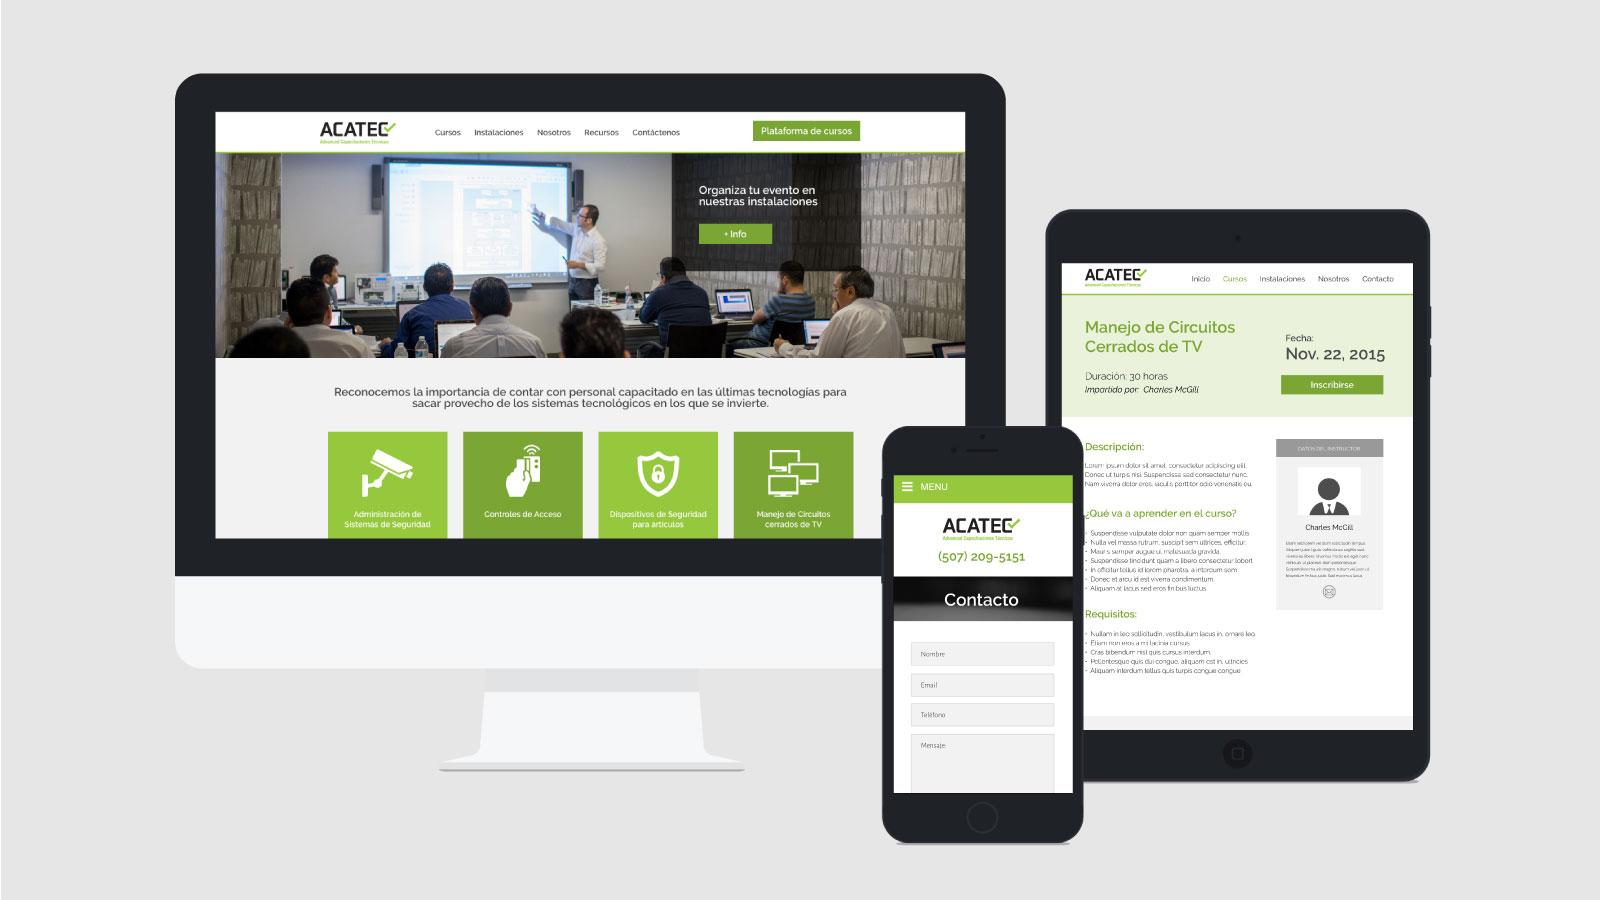 ACATEC Advanced Capacitaciones Técnicas web responsive